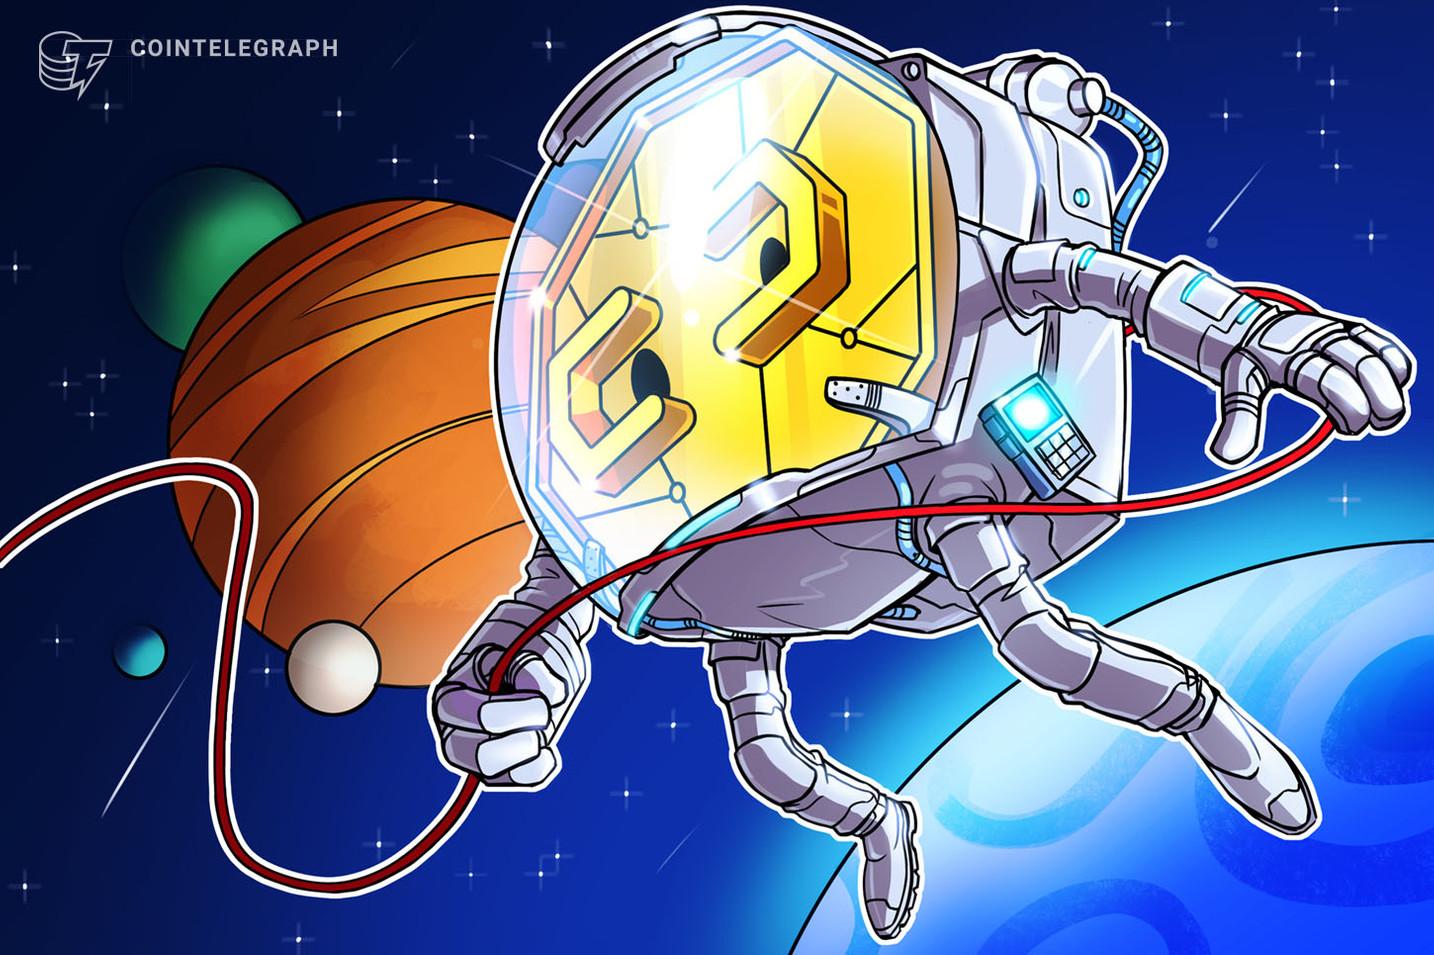 Fajne wieści: NFT w kosmosie, nieistniejące CryptoPunki, Ernst & Young wkraczają do akcji